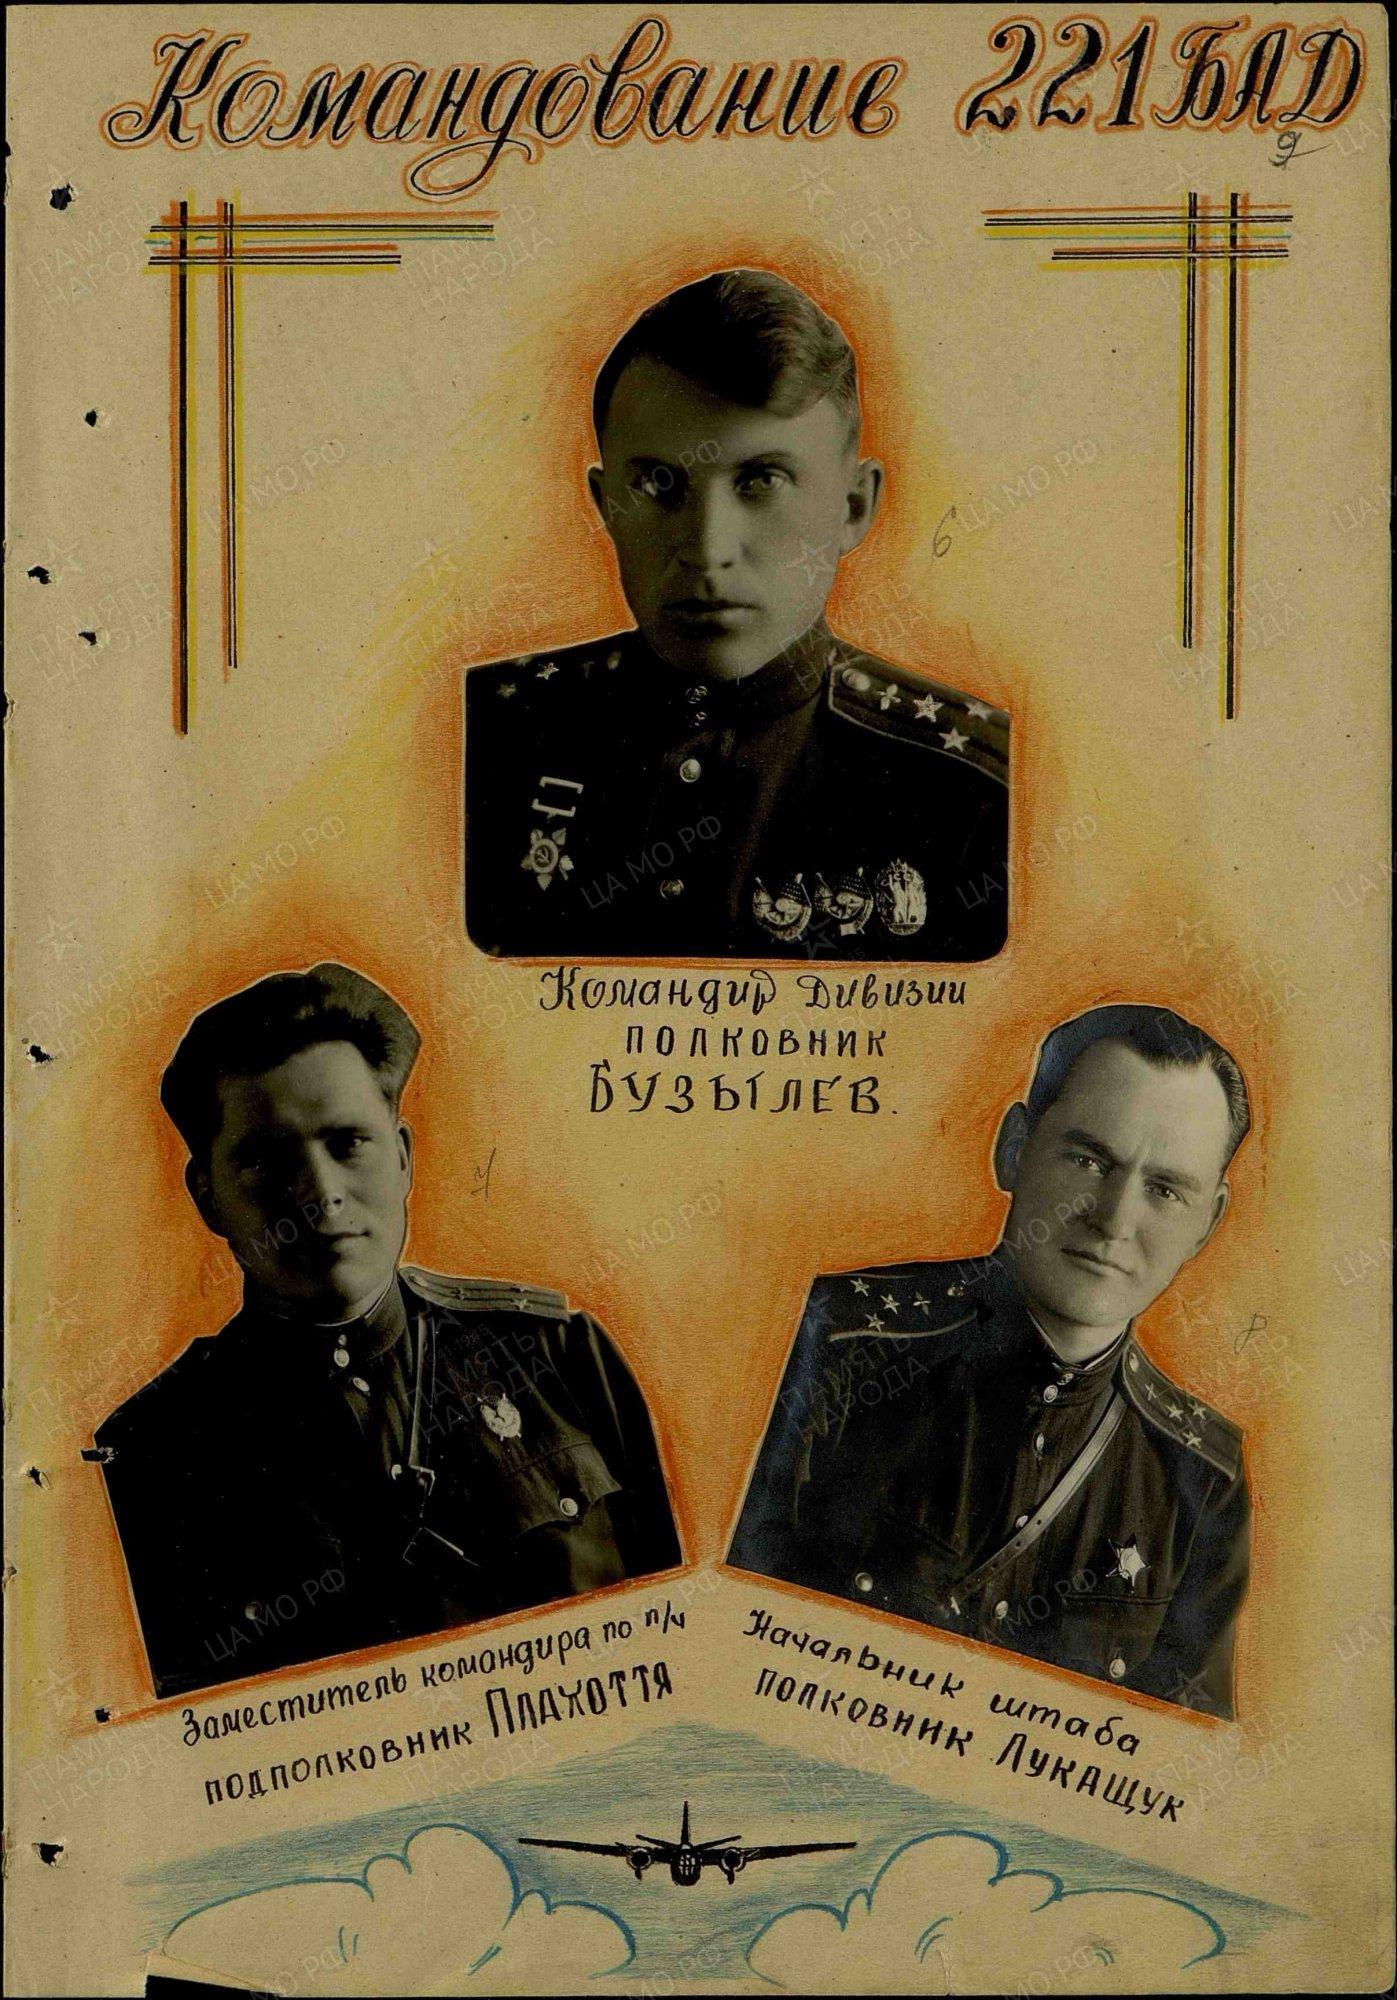 Журнал боевых действий 6 гвардейского штурмового авиационного корпуса